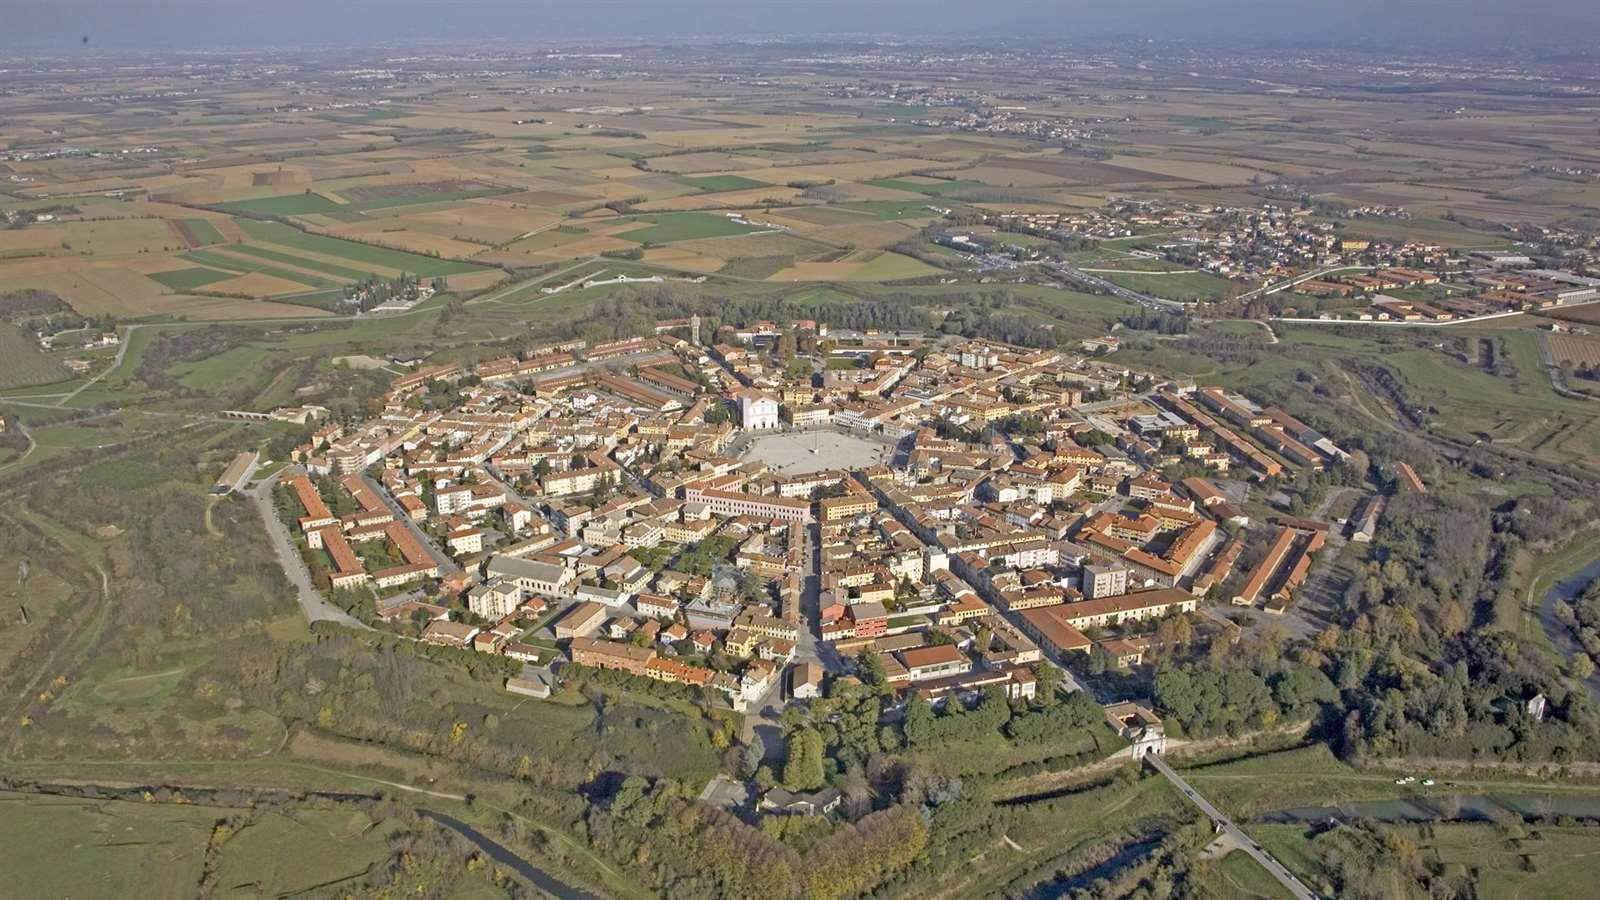 La ciudad fortificada de Palmanova en Italia